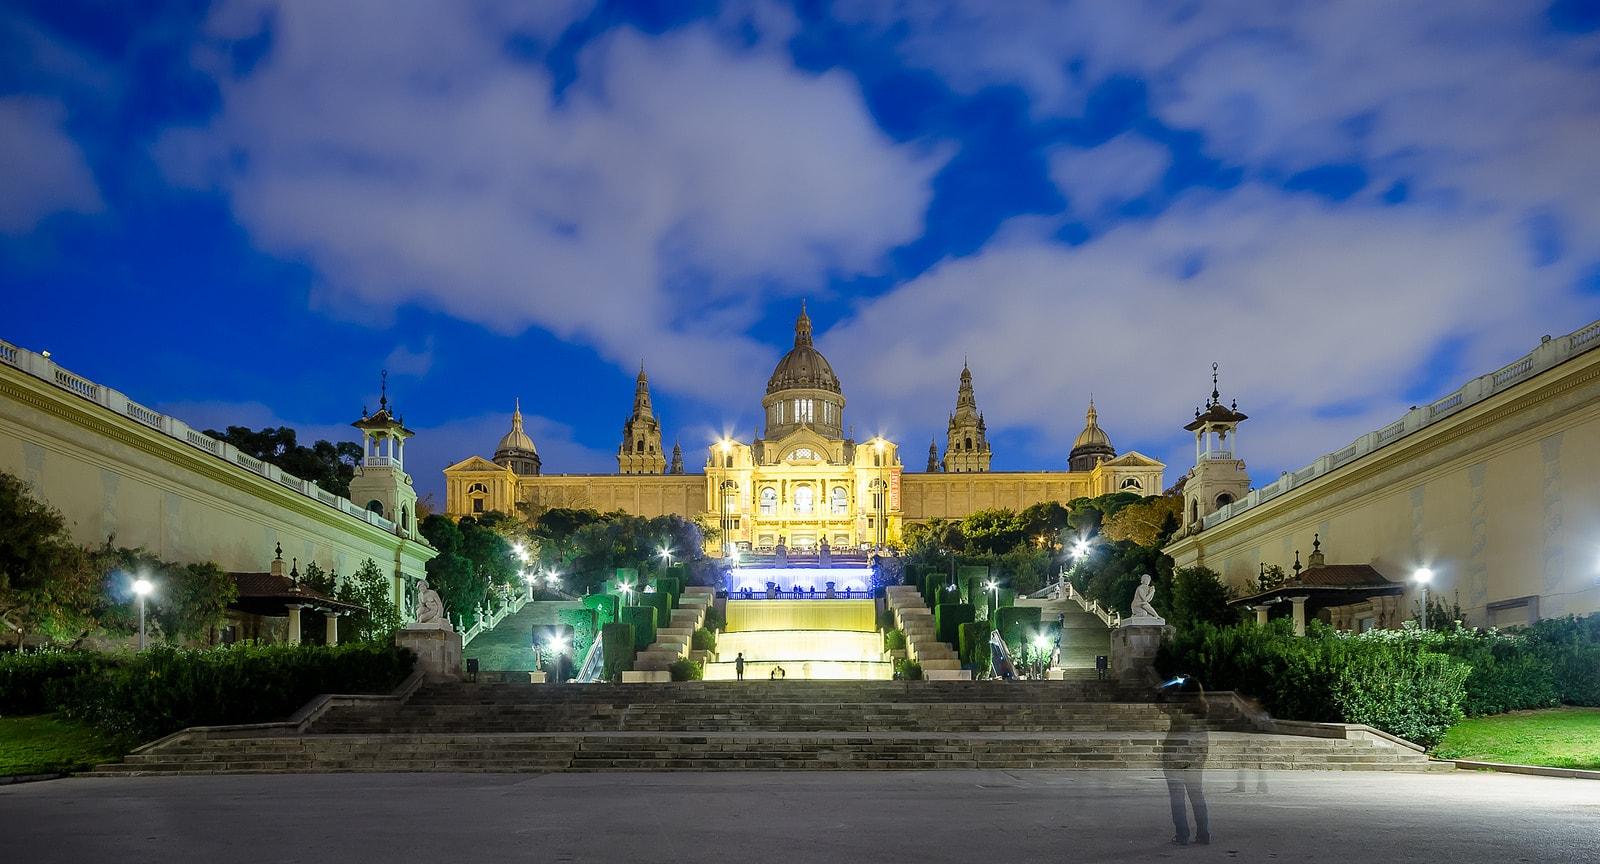 National Palace night